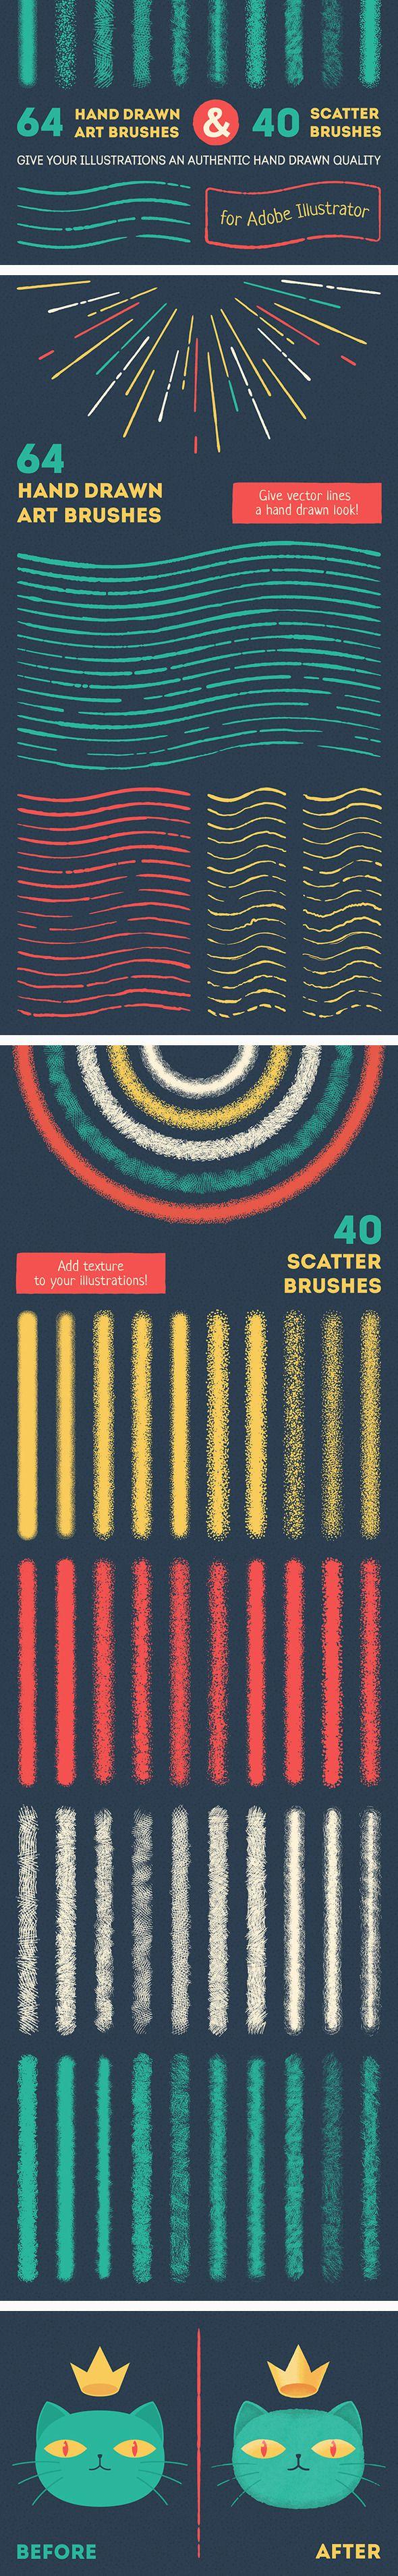 Vector Brush Set For Adobe Illustrator #design #ai Download: http://graphicriver.net/item/vector-brush-set/11130070?ref=ksioks